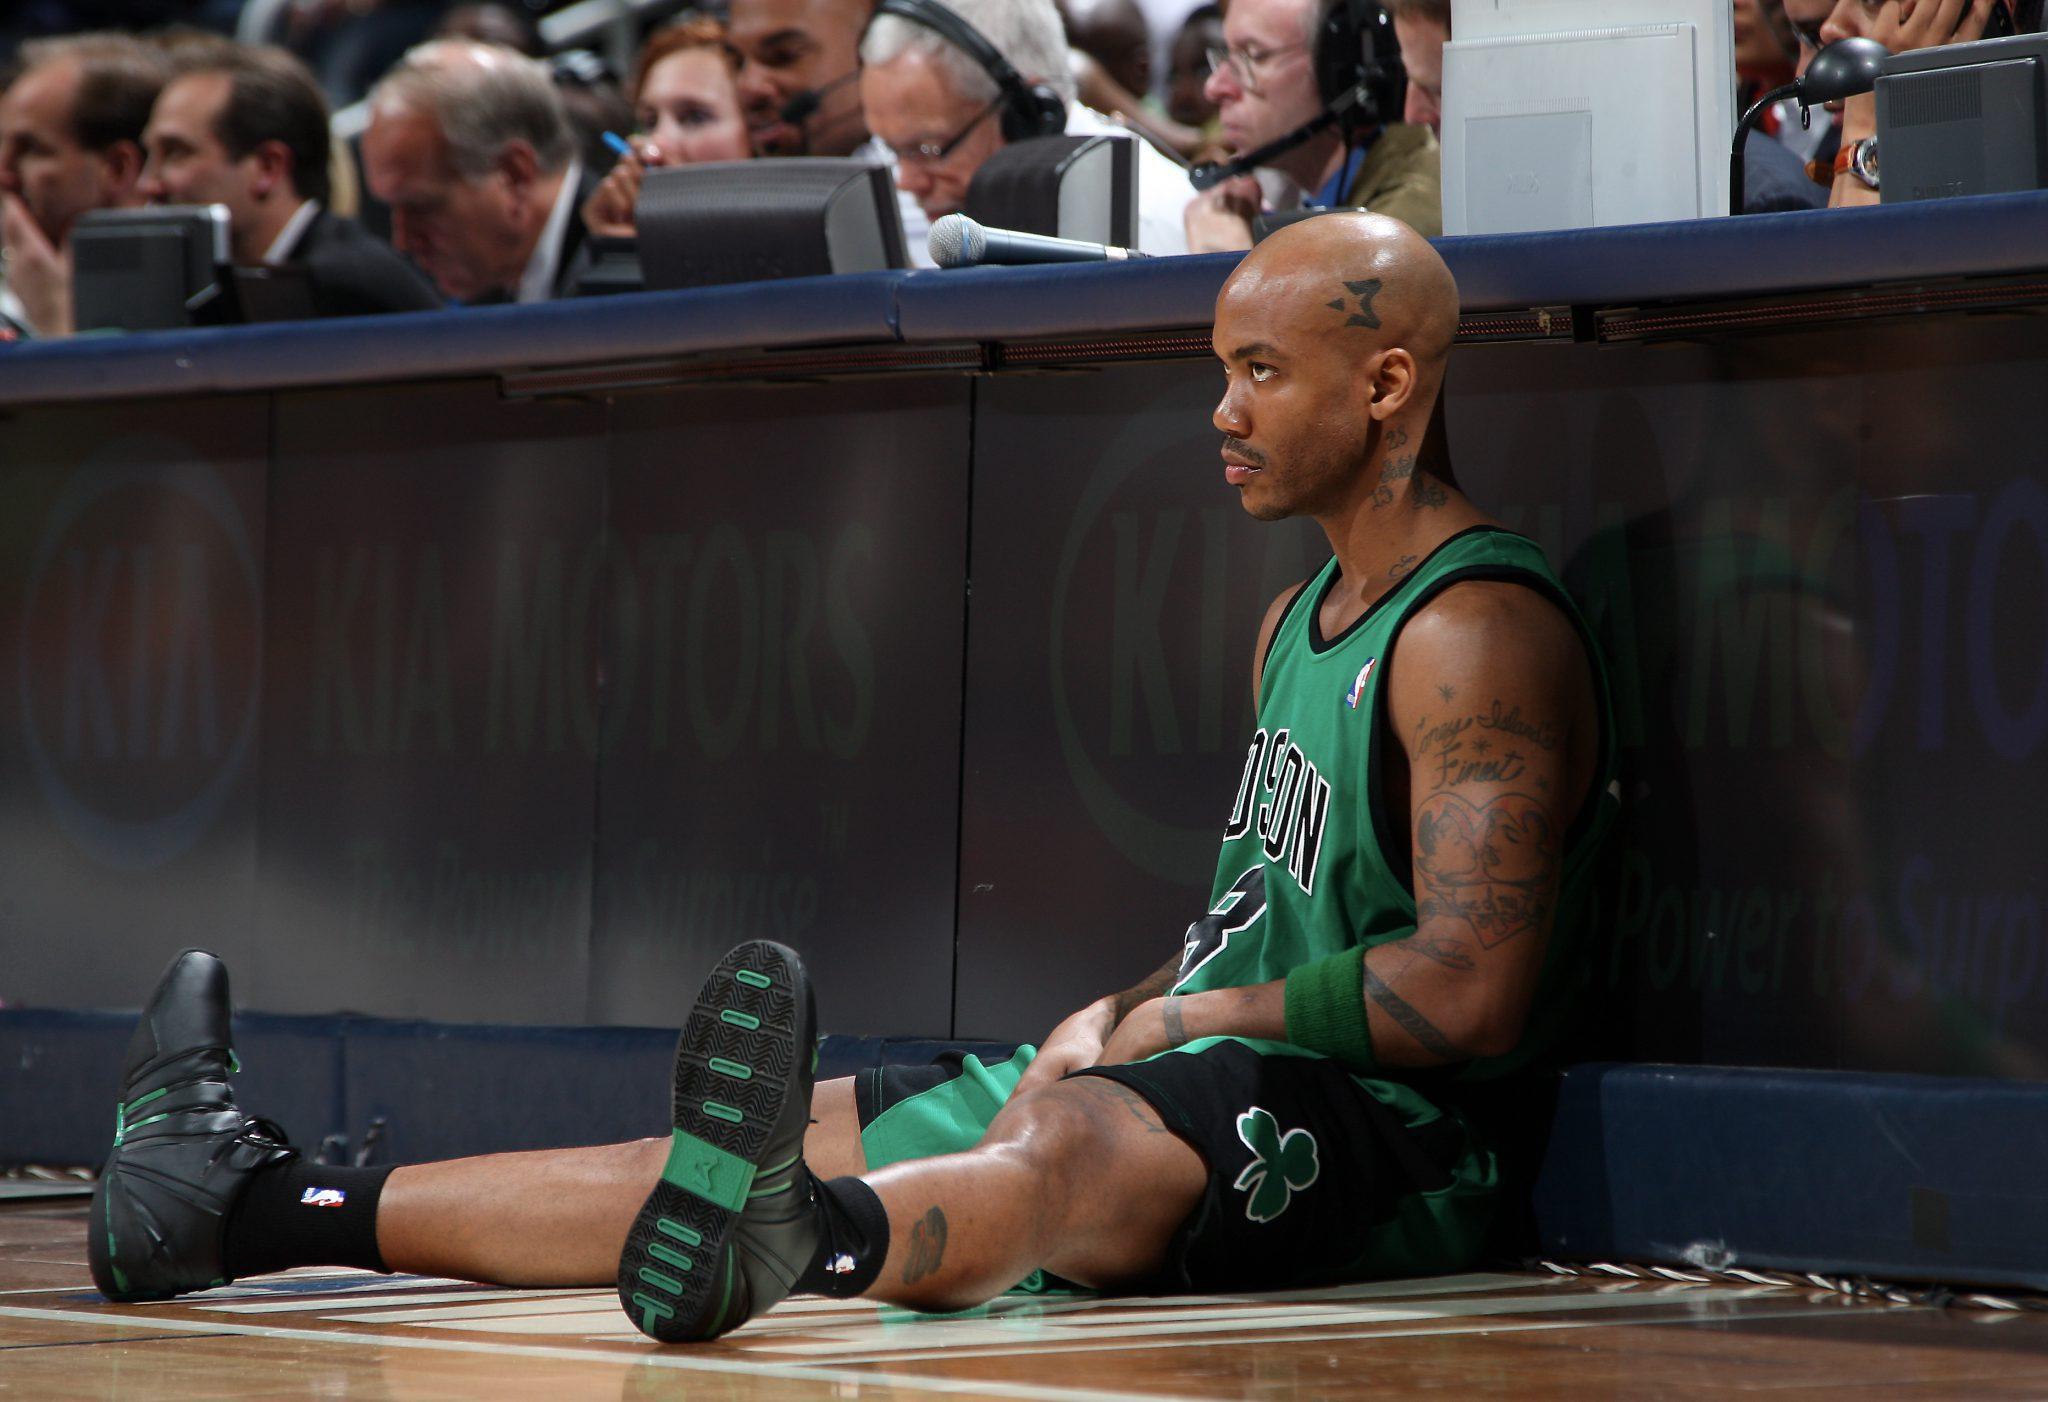 La durísima confesión de Stephon Marbury, sobre el final de su carrera NBA: «Algunos días quería suicidarme»